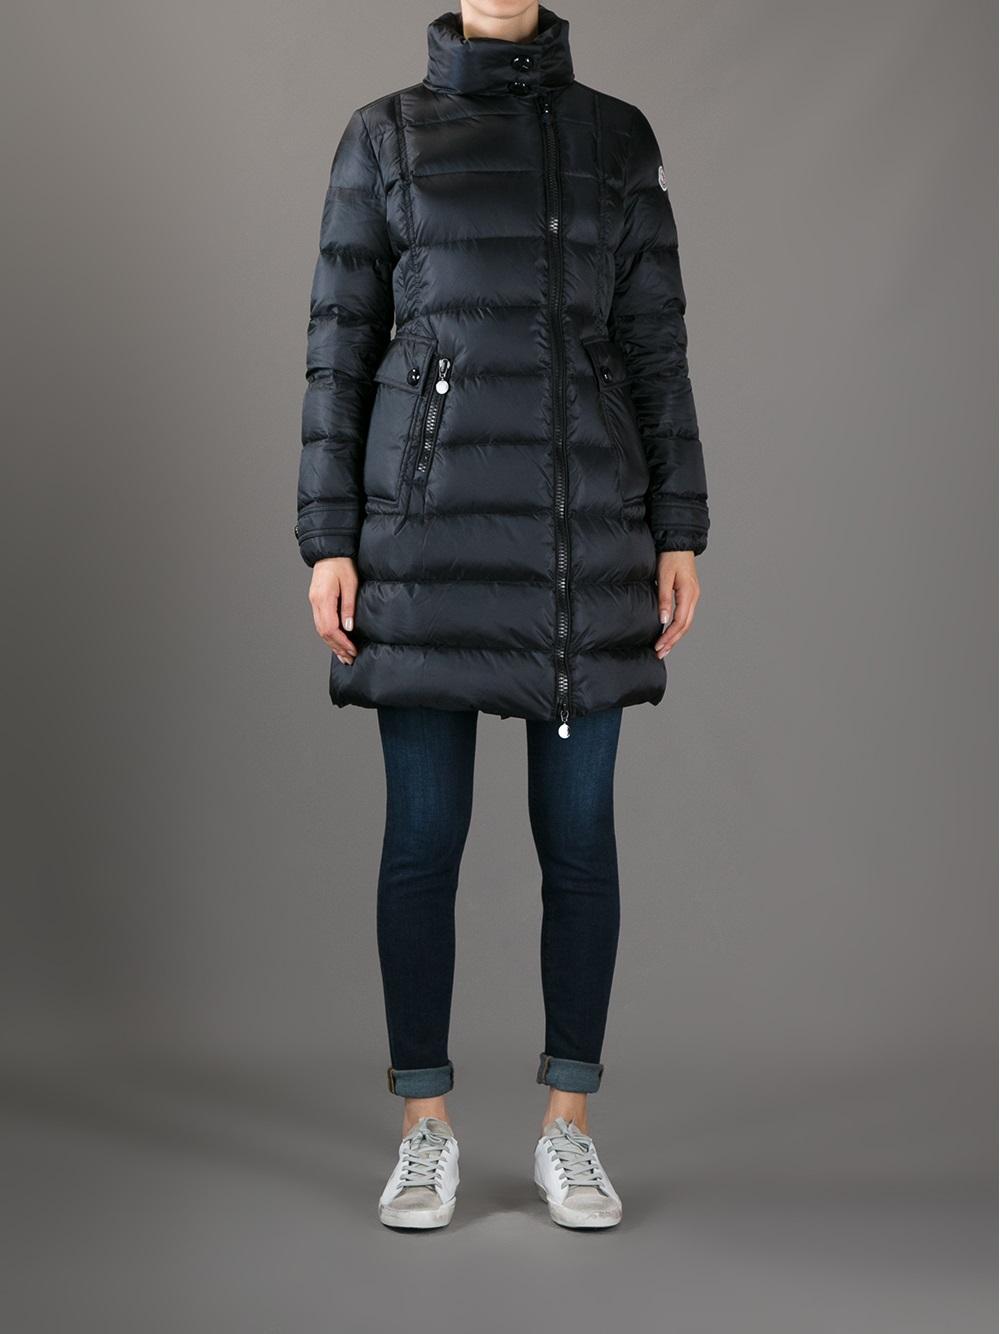 moncler ladies coats with fur elise for sale. Black Bedroom Furniture Sets. Home Design Ideas